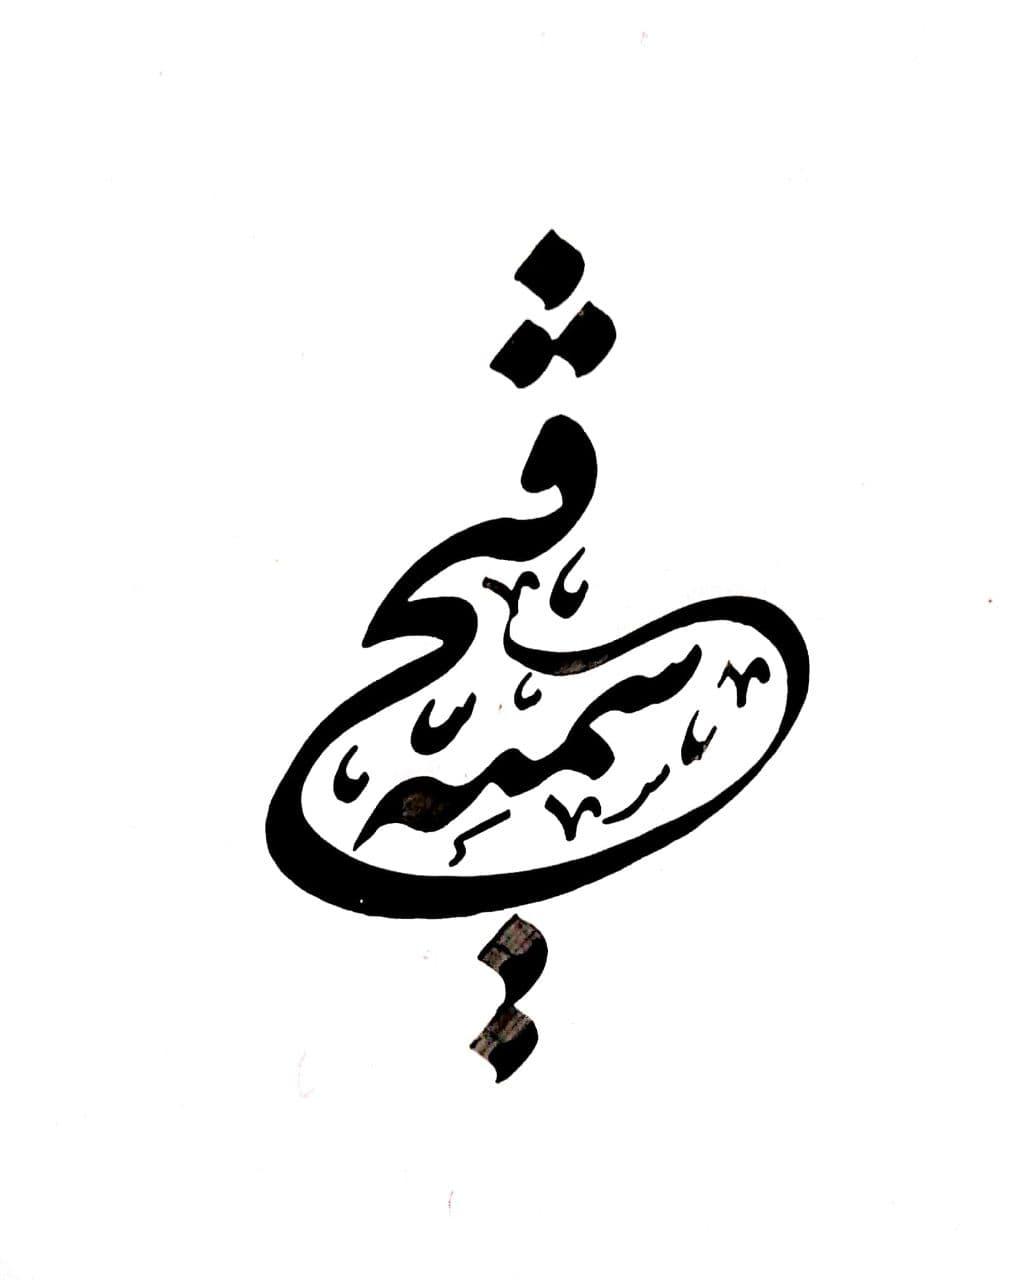 خوشنویسی اسم مناسب برای طراحی تتو، مهرسازی و طراحی لوگو خوشنویسی اسم مناسب برای طراحی تتو، مهرسازی و طراحی لوگو